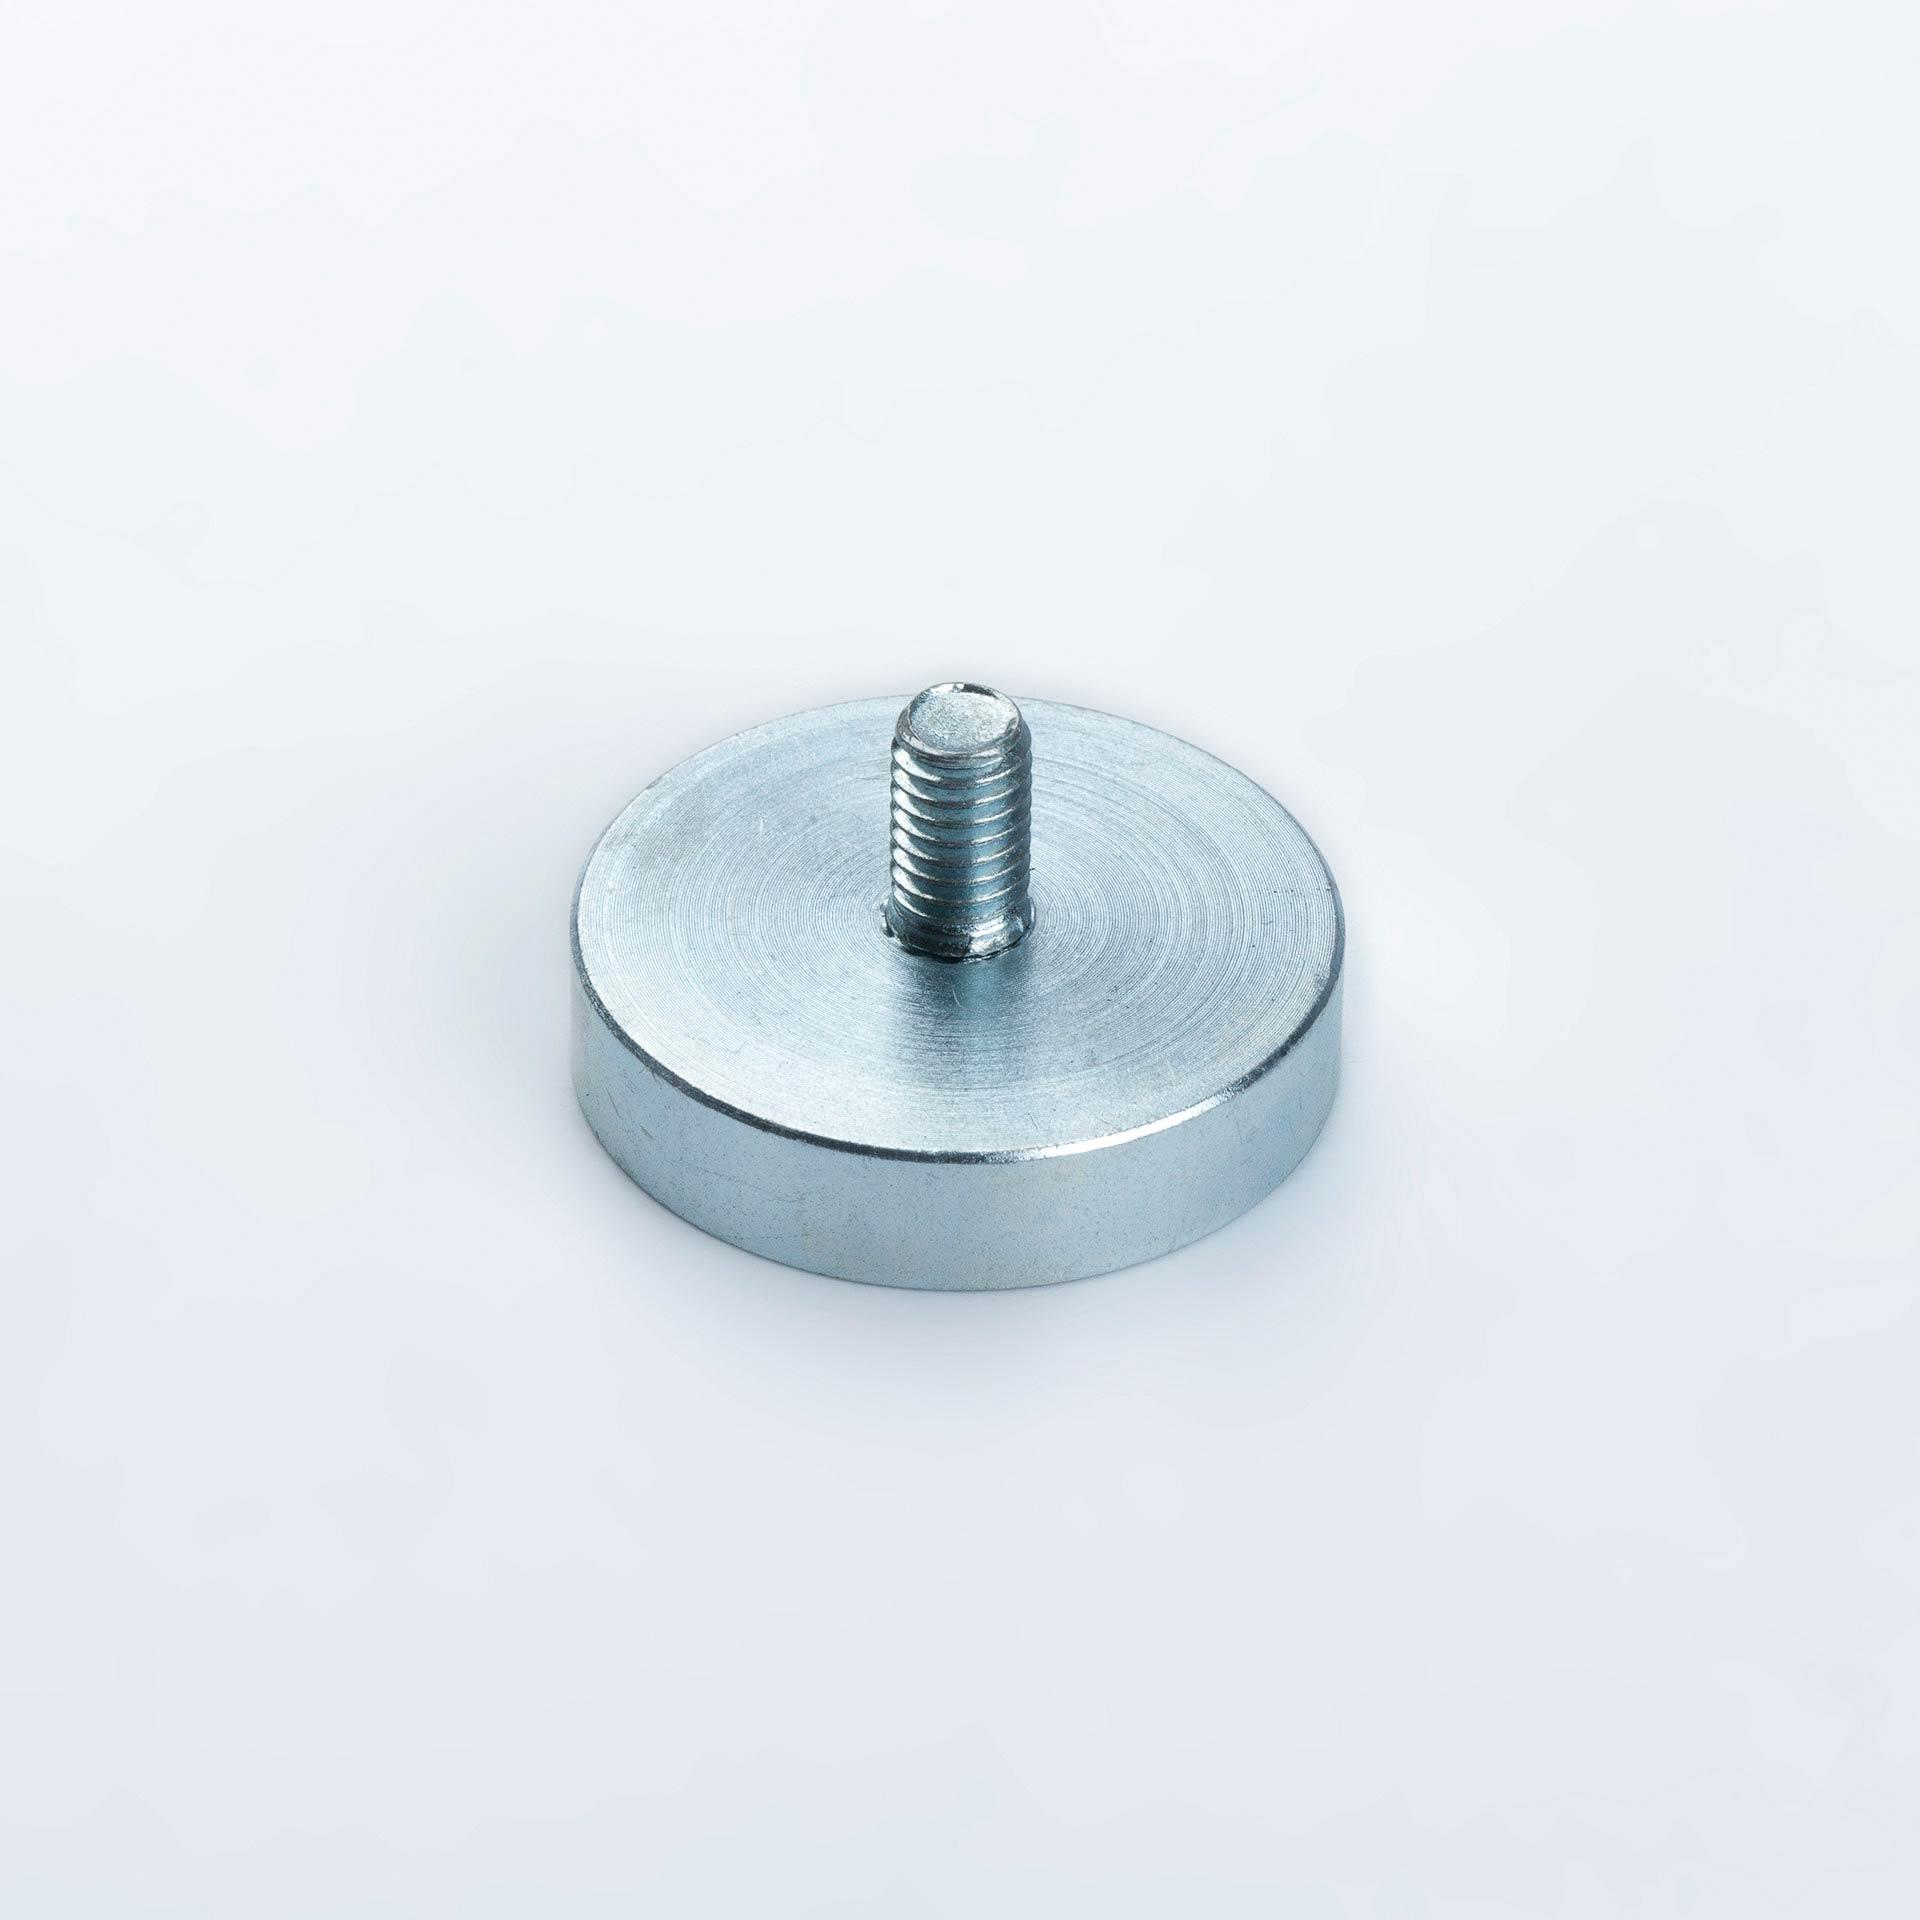 Flachgreifer aus Neodym, mit Außengewinde, verzinkt, thyssenkrupp Magnettechnik